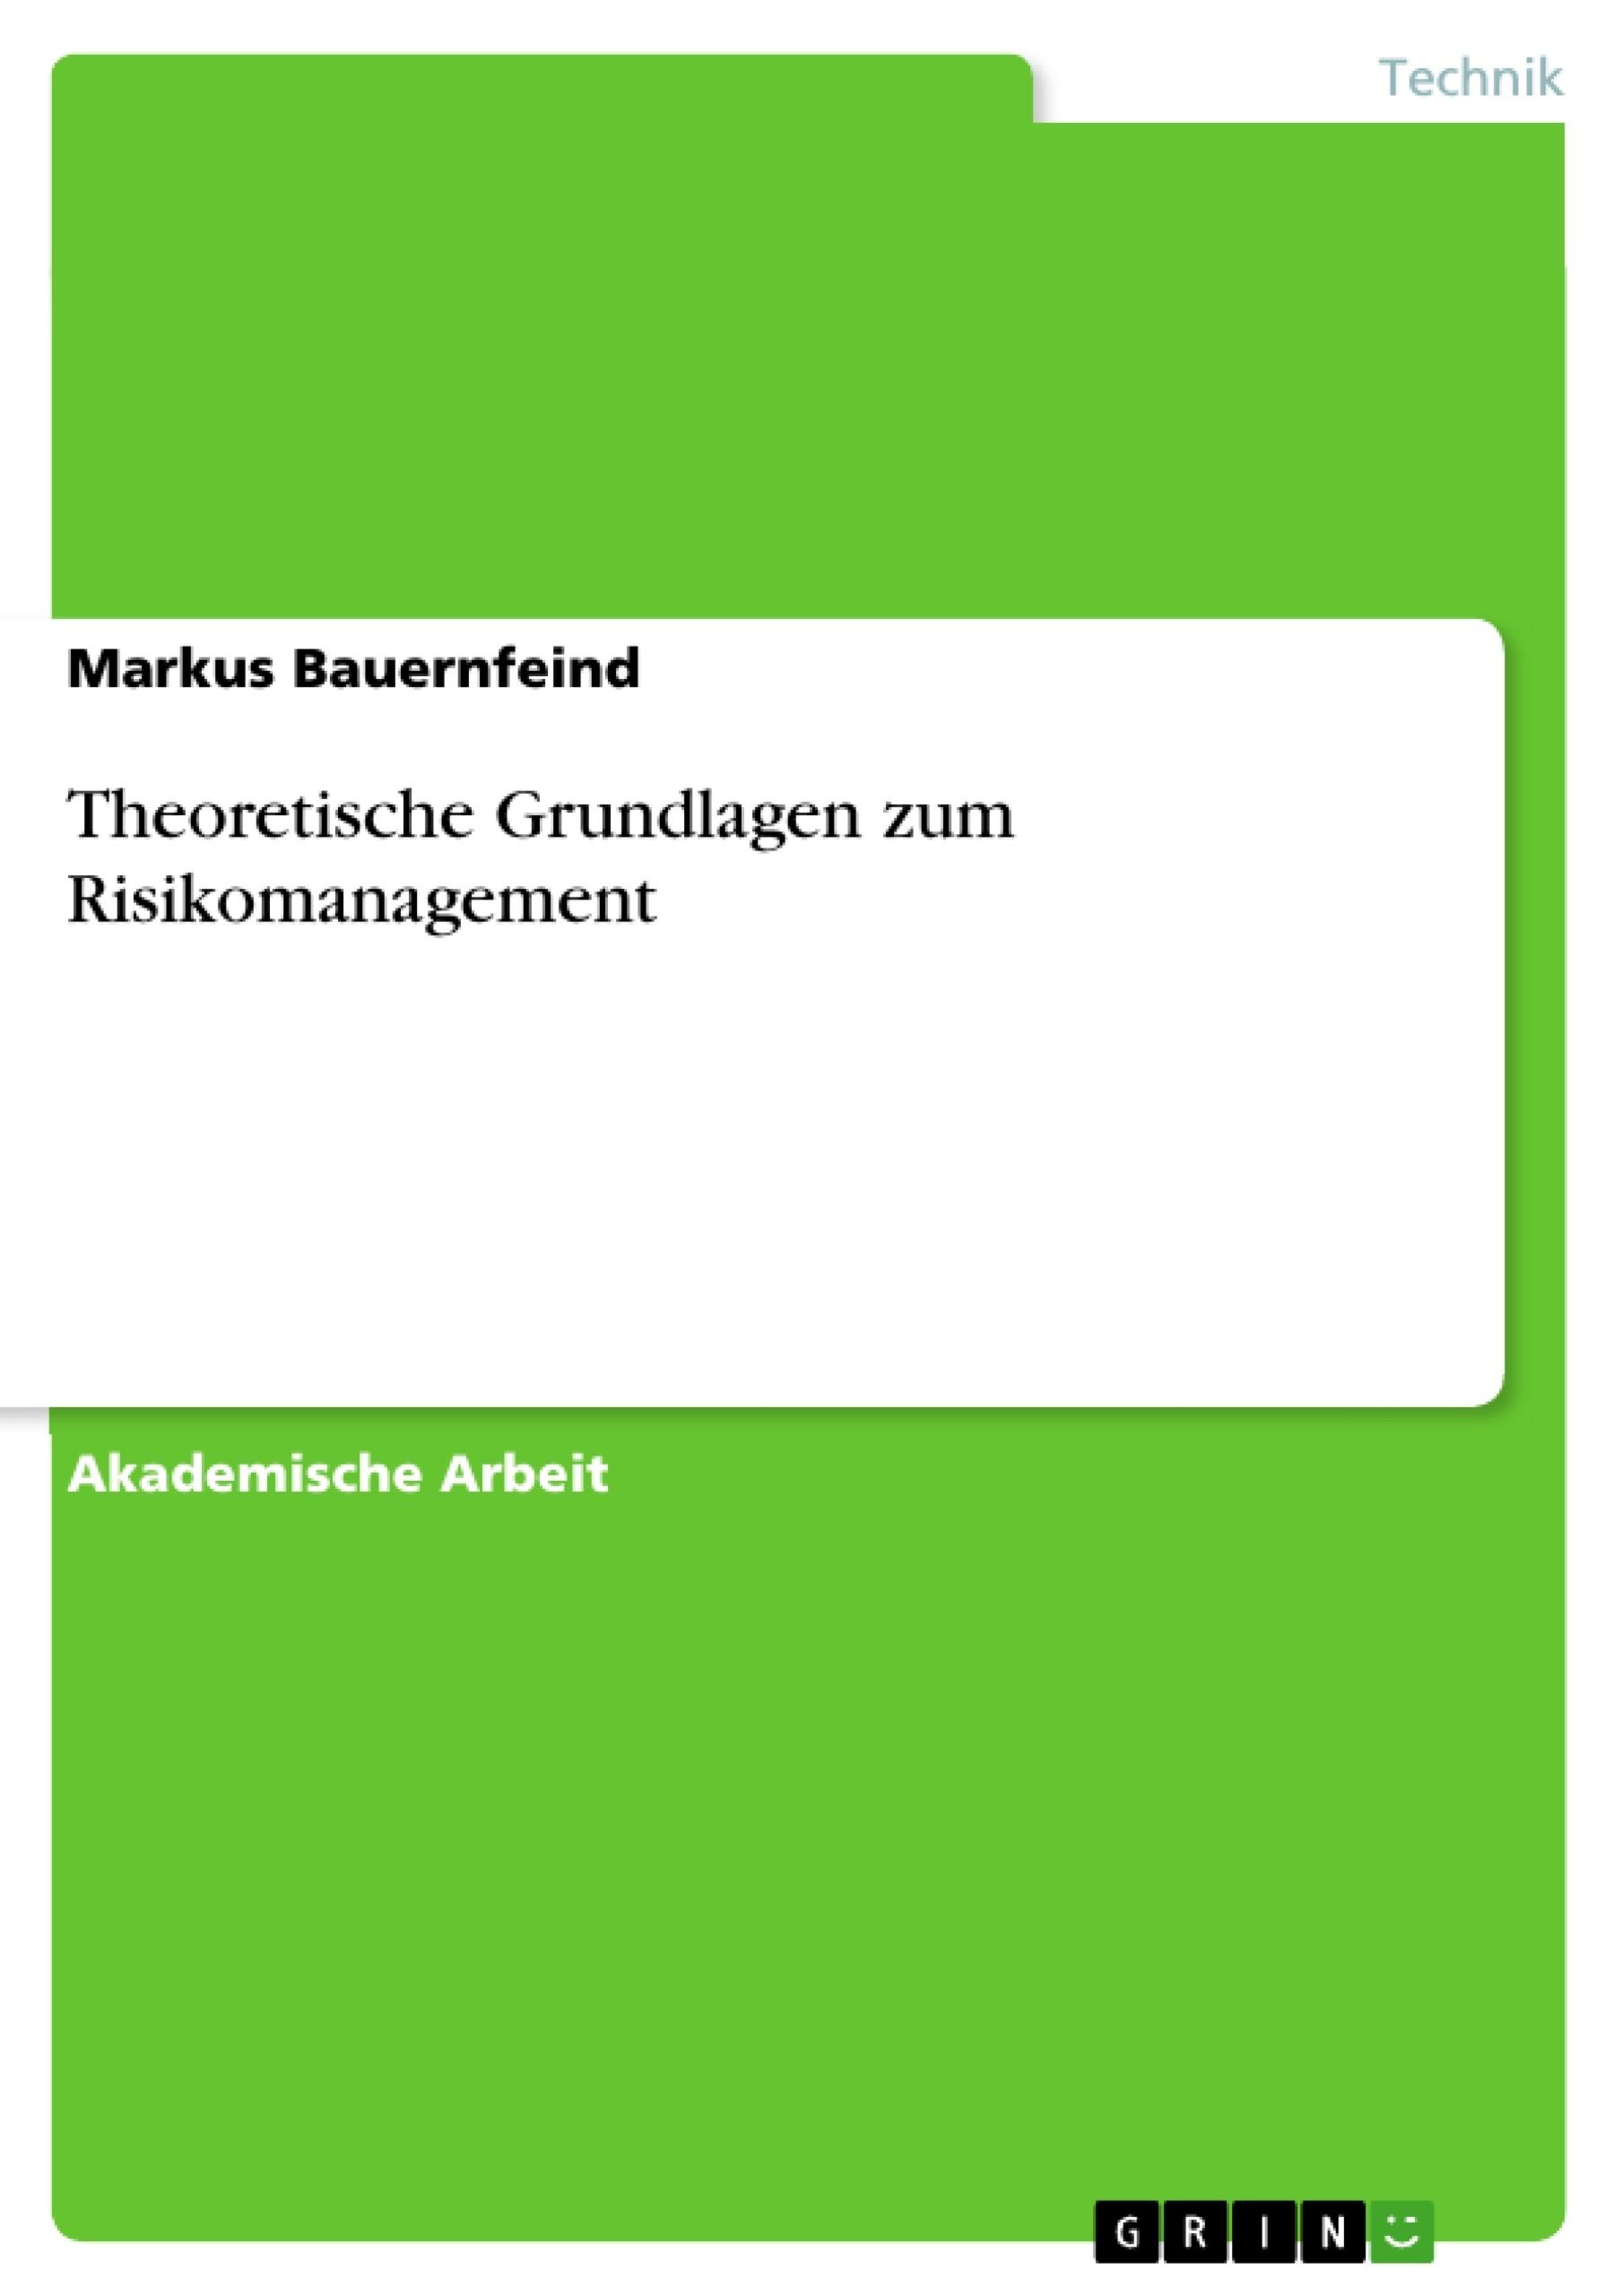 Titel: Theoretische Grundlagen zum Risikomanagement